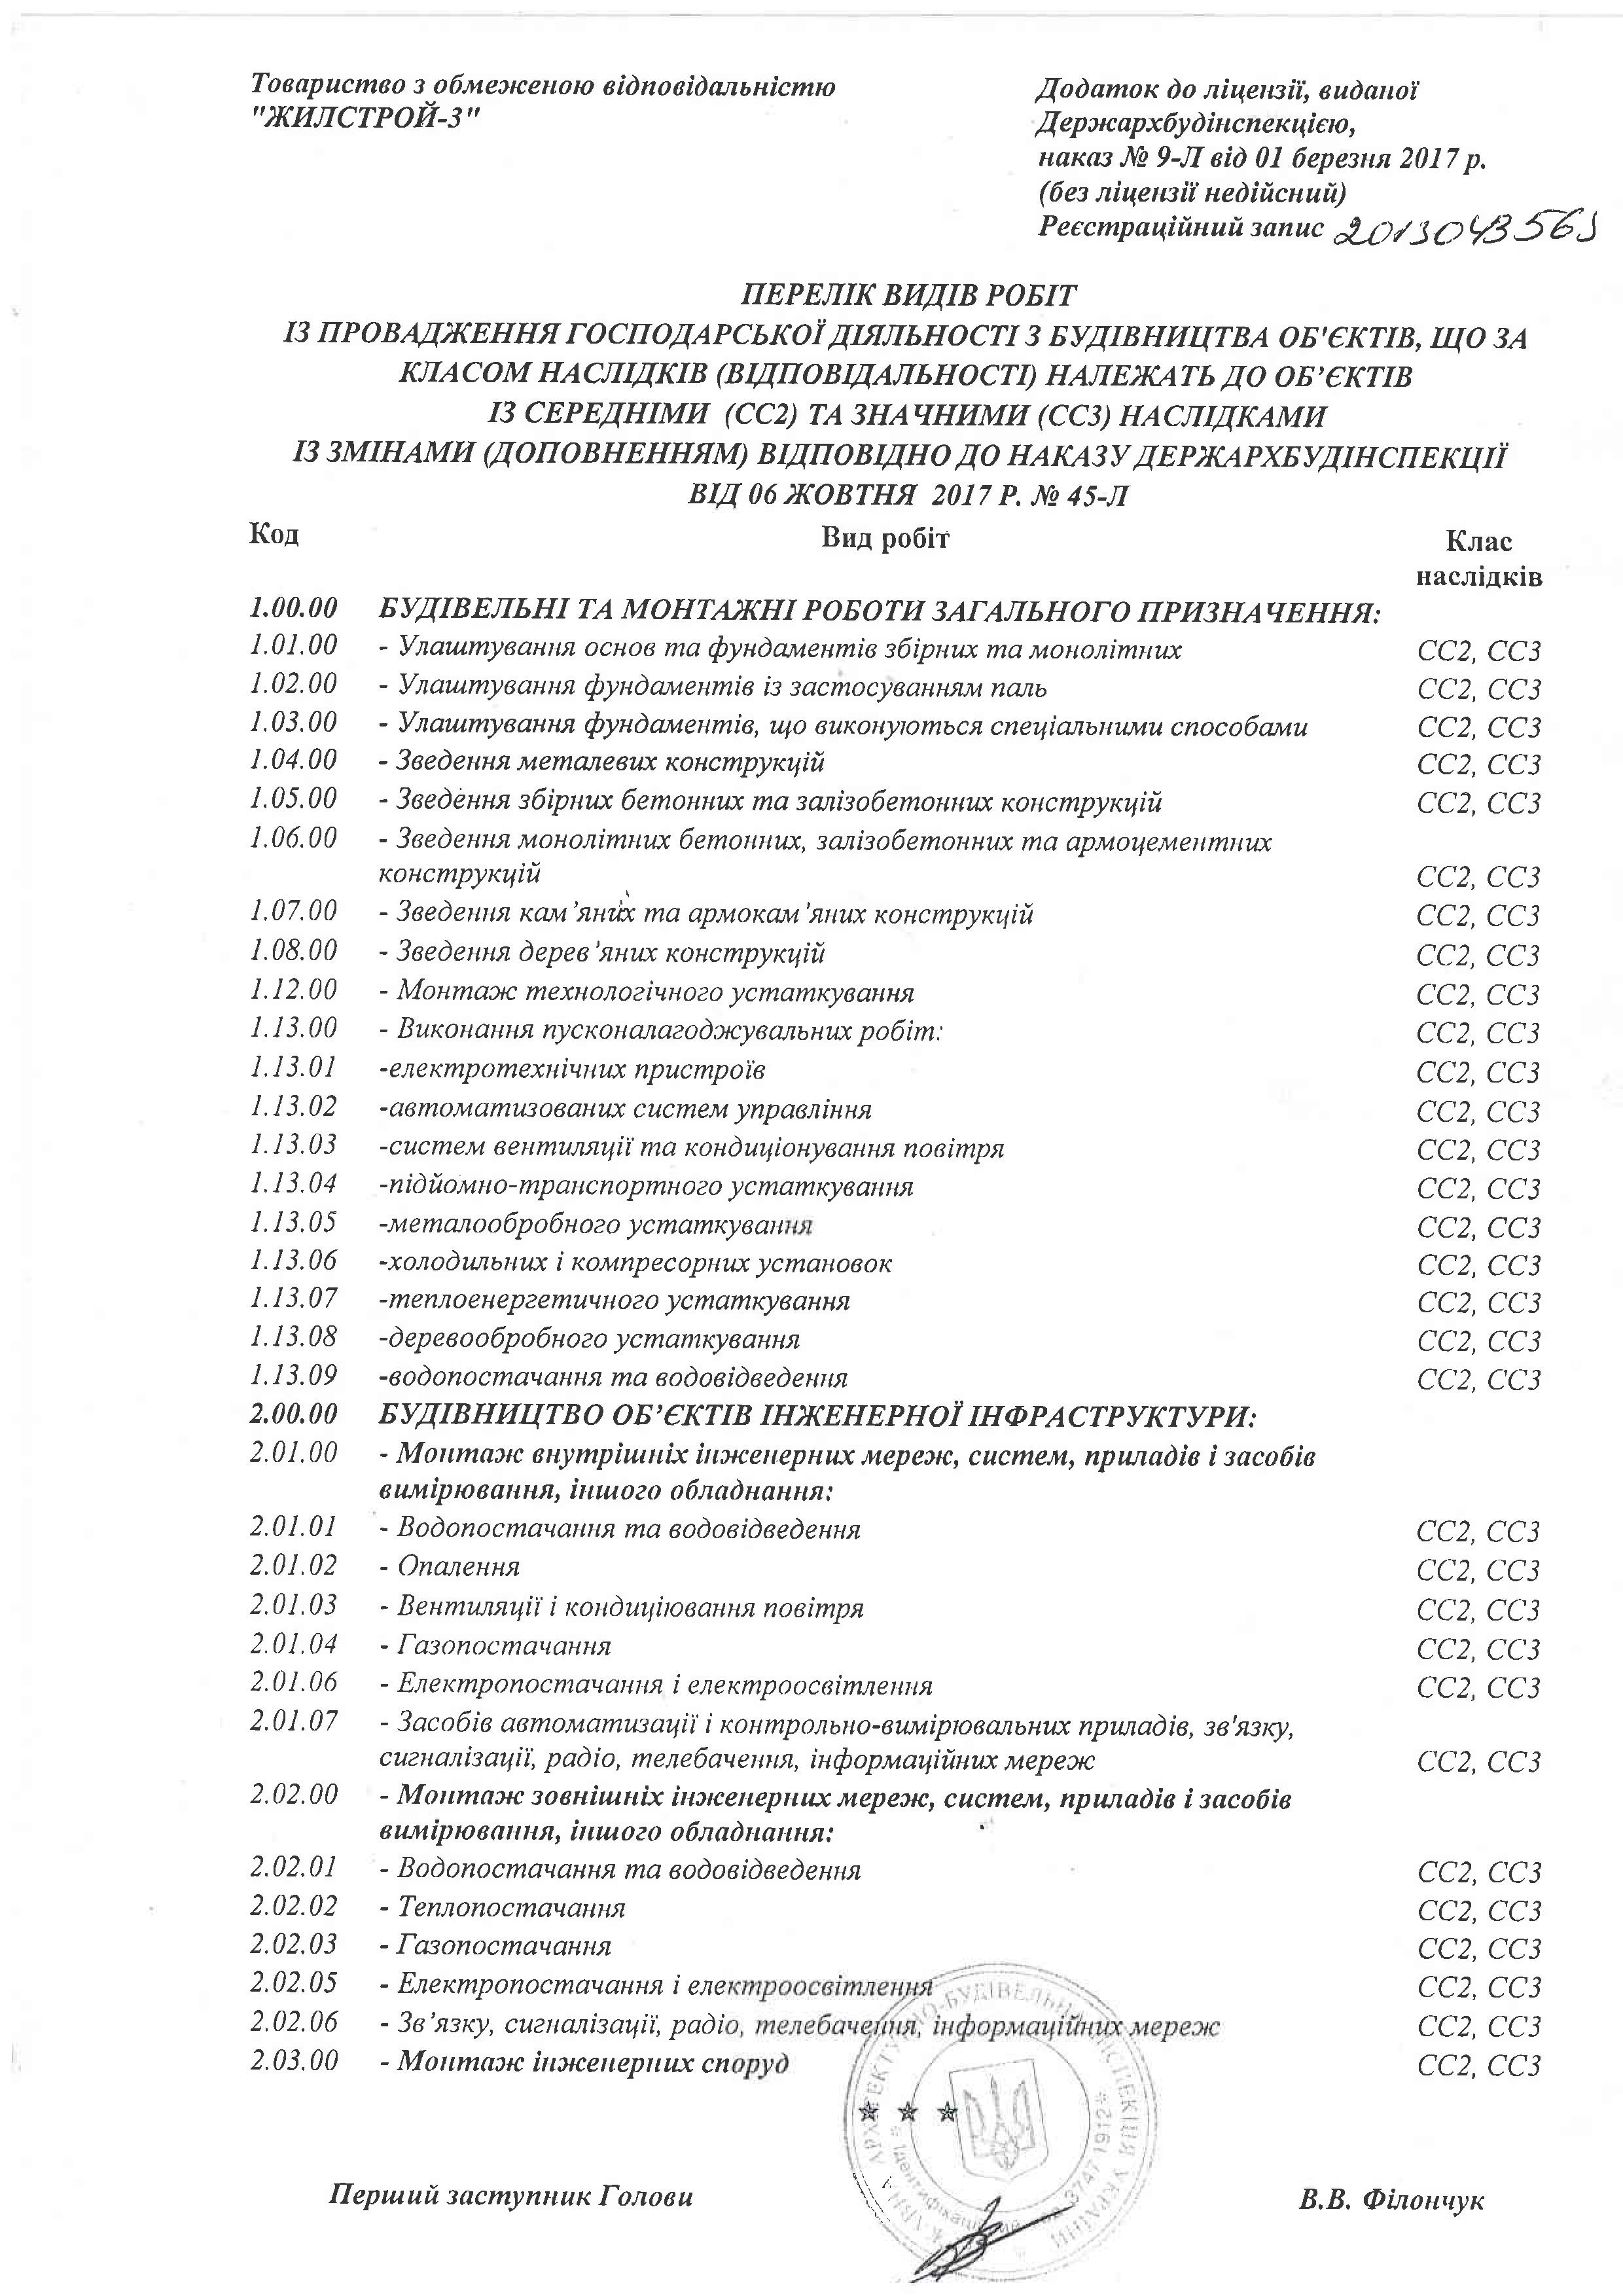 Лiцензiя, 2 стор.